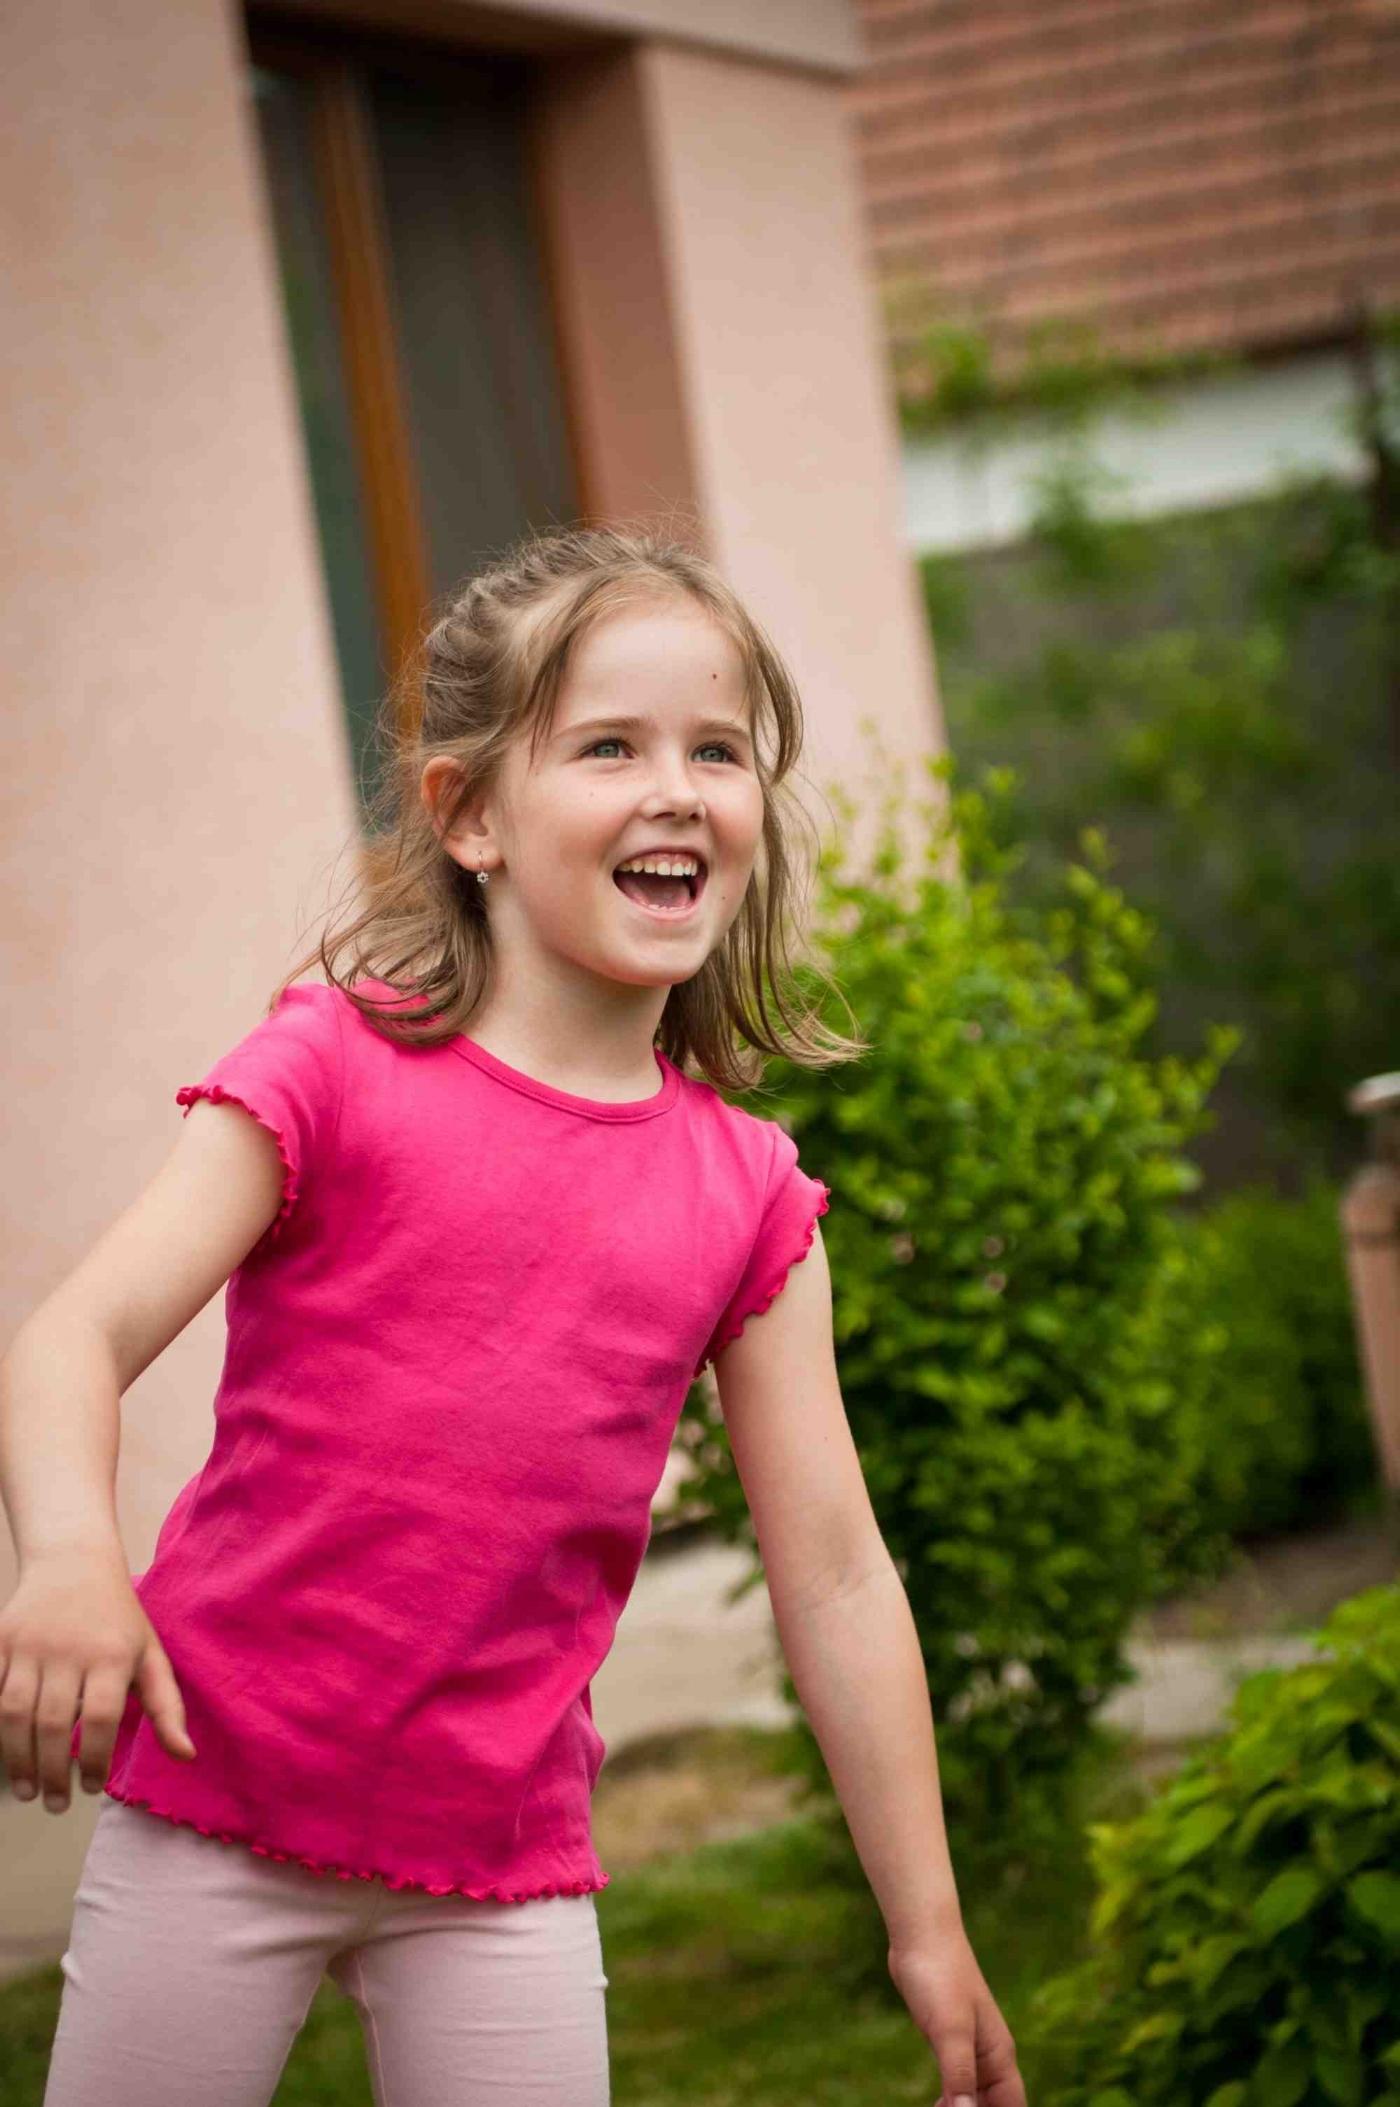 smiling girl.jpg